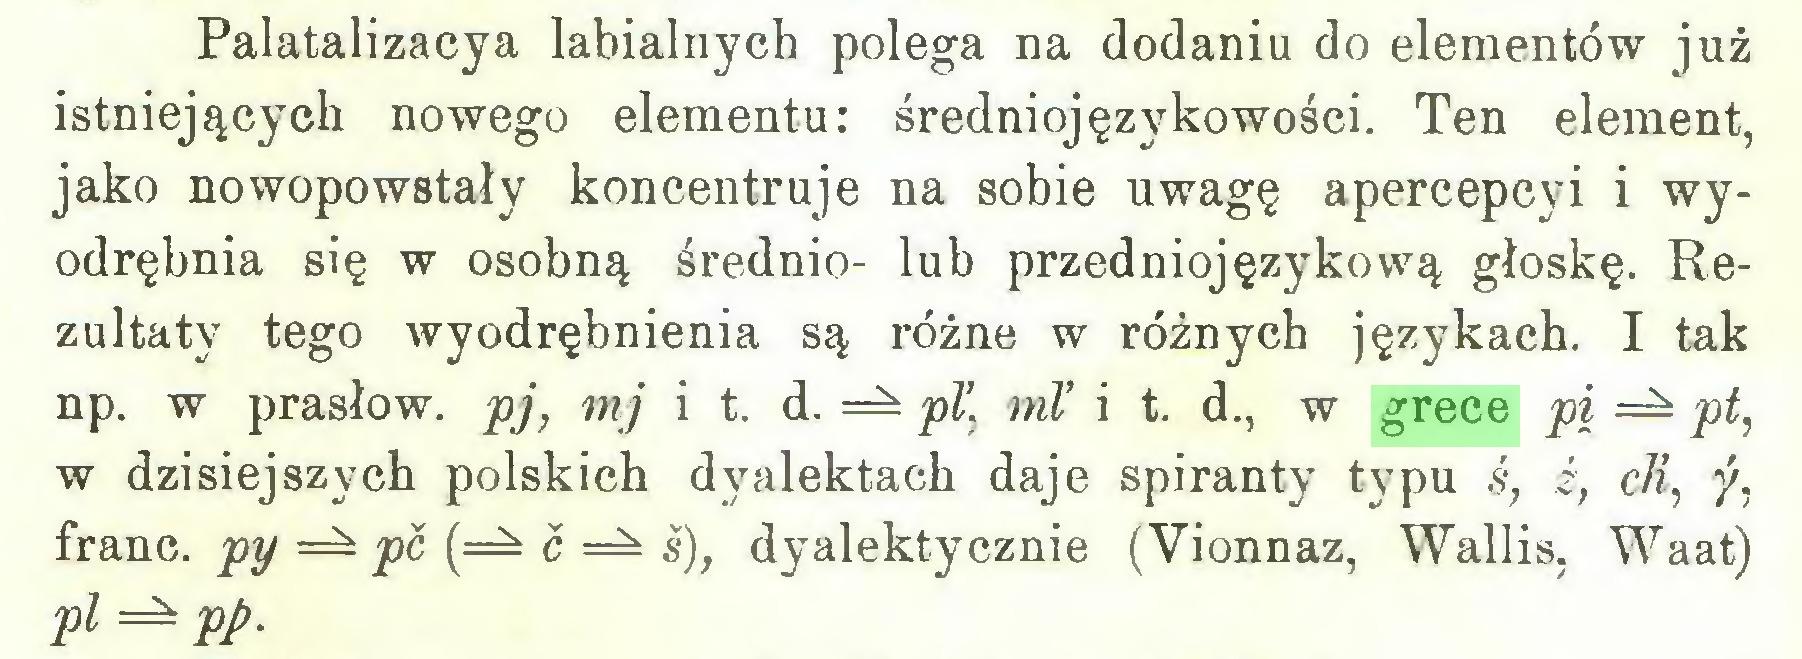 (...) Palatalizacya labialnych polega na dodaniu do elementów już istniejących nowego elementu: średniojęzykowości. Ten element, jako nowopowstały koncentruje na sobie uwagę apercepcyi i wyodrębnia się w osobną średnio- lub przedniojęzykową głoskę. Rezultaty tego wyodrębnienia są różne w różnych językach. I tak np. w prasłow. pj, mj i t. d. pl\ ml' i t. d., w grece pi pt, w dzisiejszych polskich dyalektach daje spiranty typu ś, ź, cłi, y, franc. py pc (=^ ć ś), dyalektycznie (Vionnaz, Wallis, Waat) pl pp...